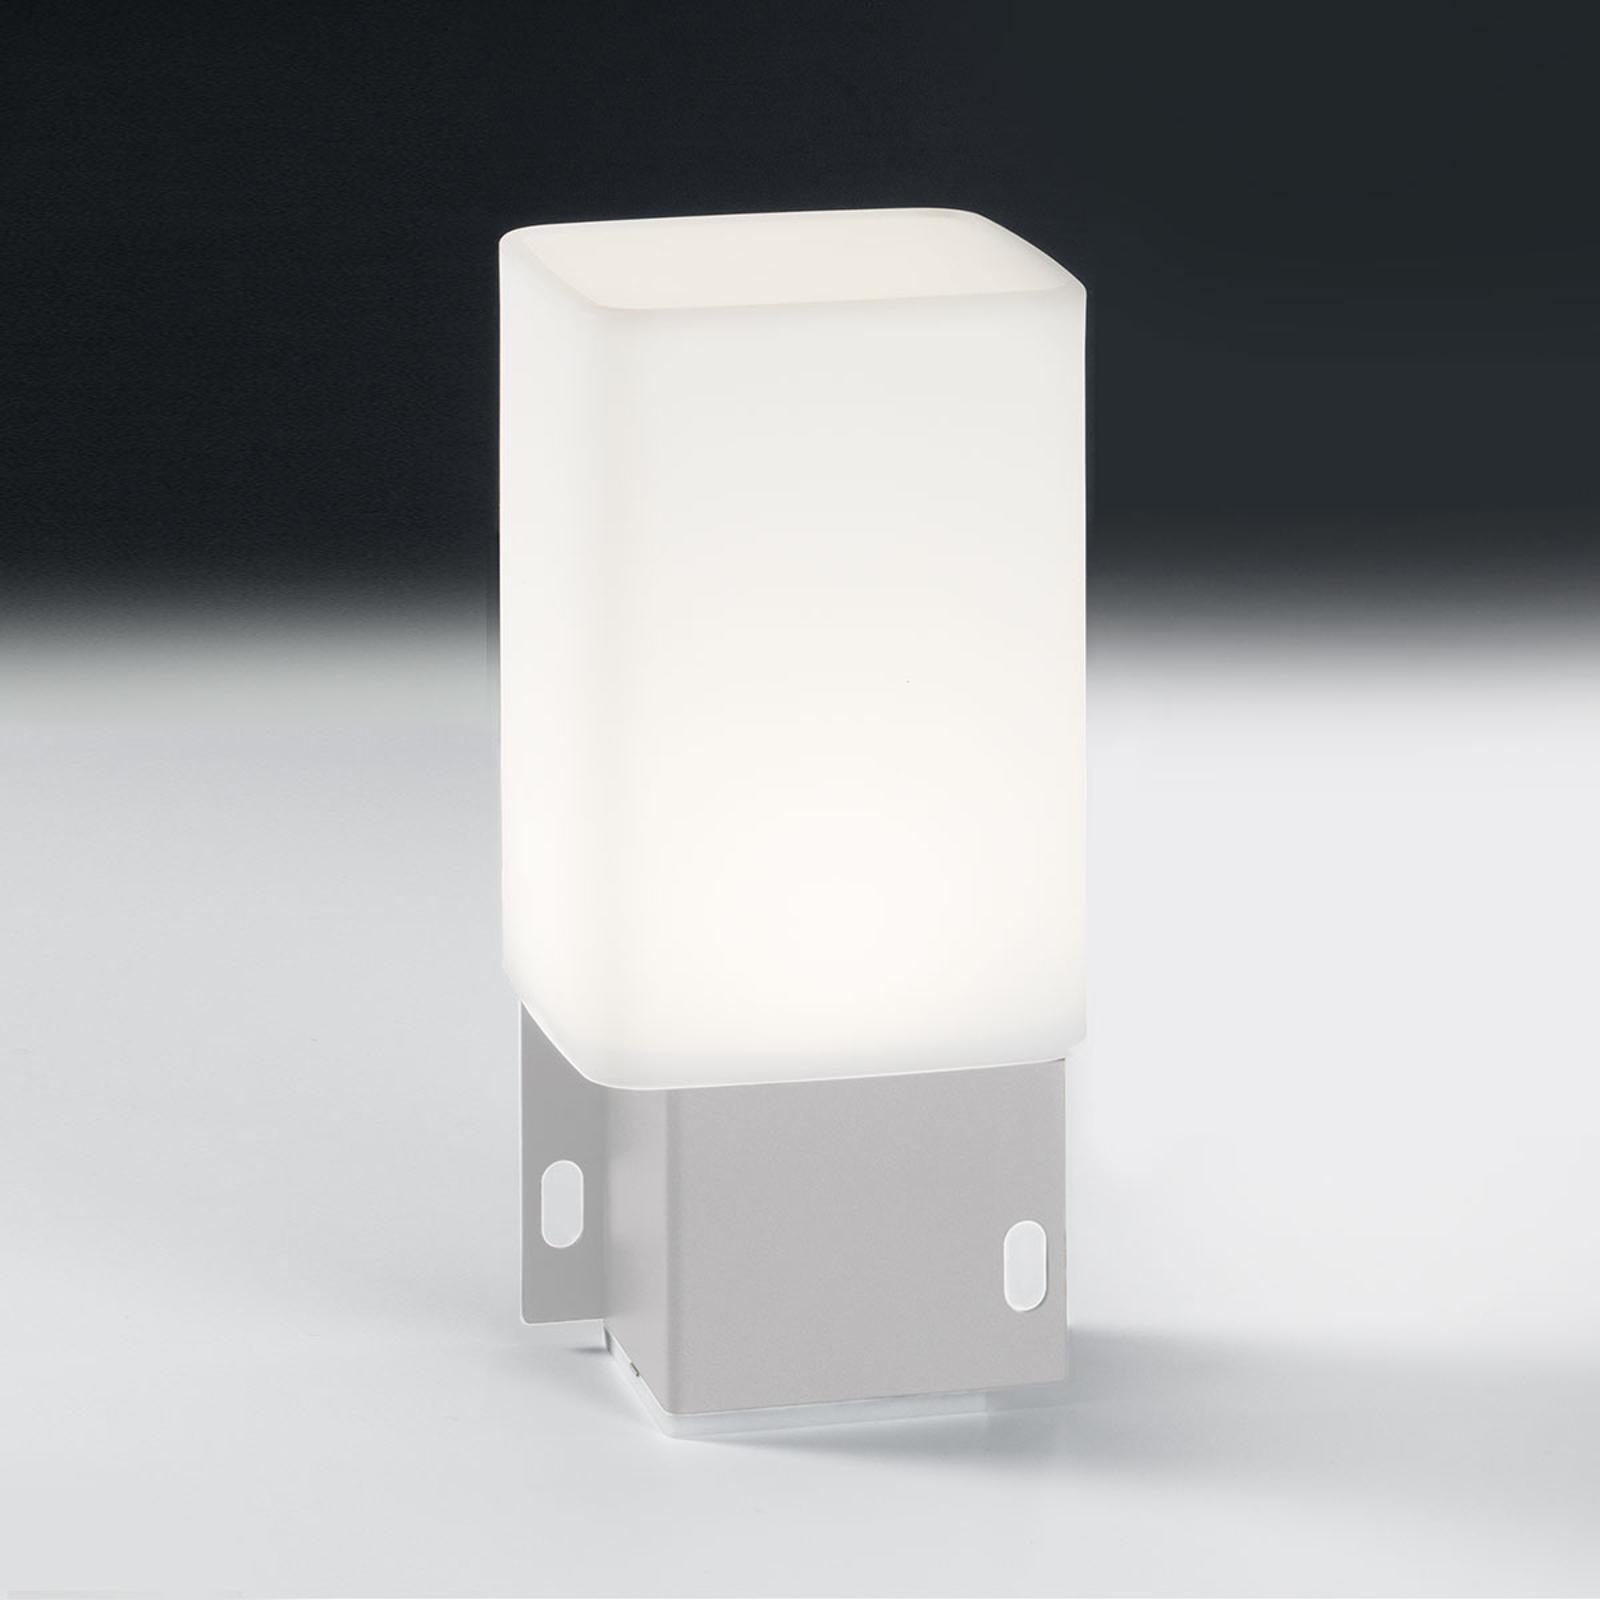 LED-Außendekolampe Cuadrat ohne USB, weiß